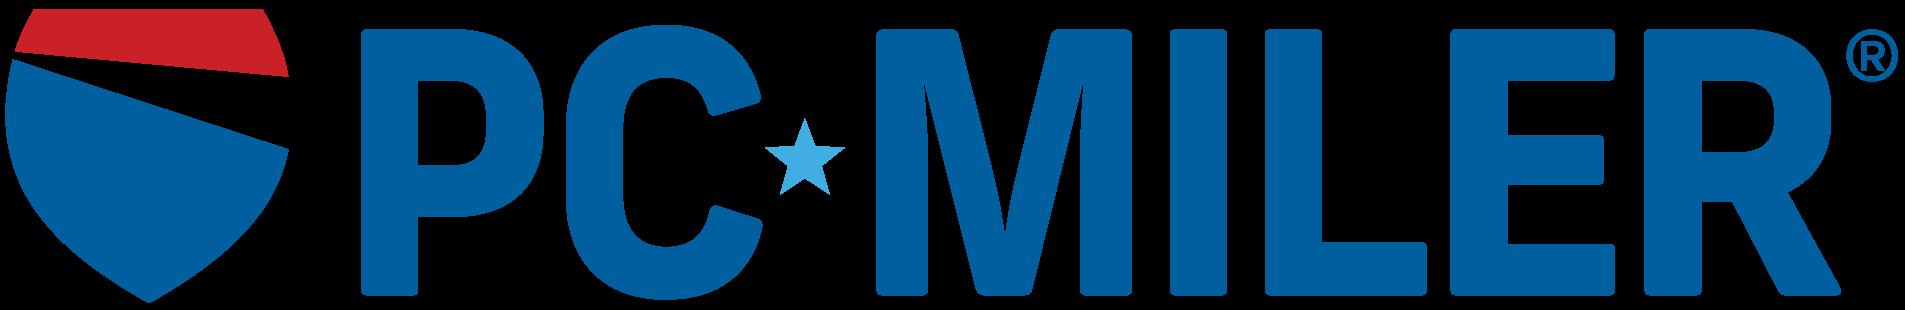 PCMILER_Logo